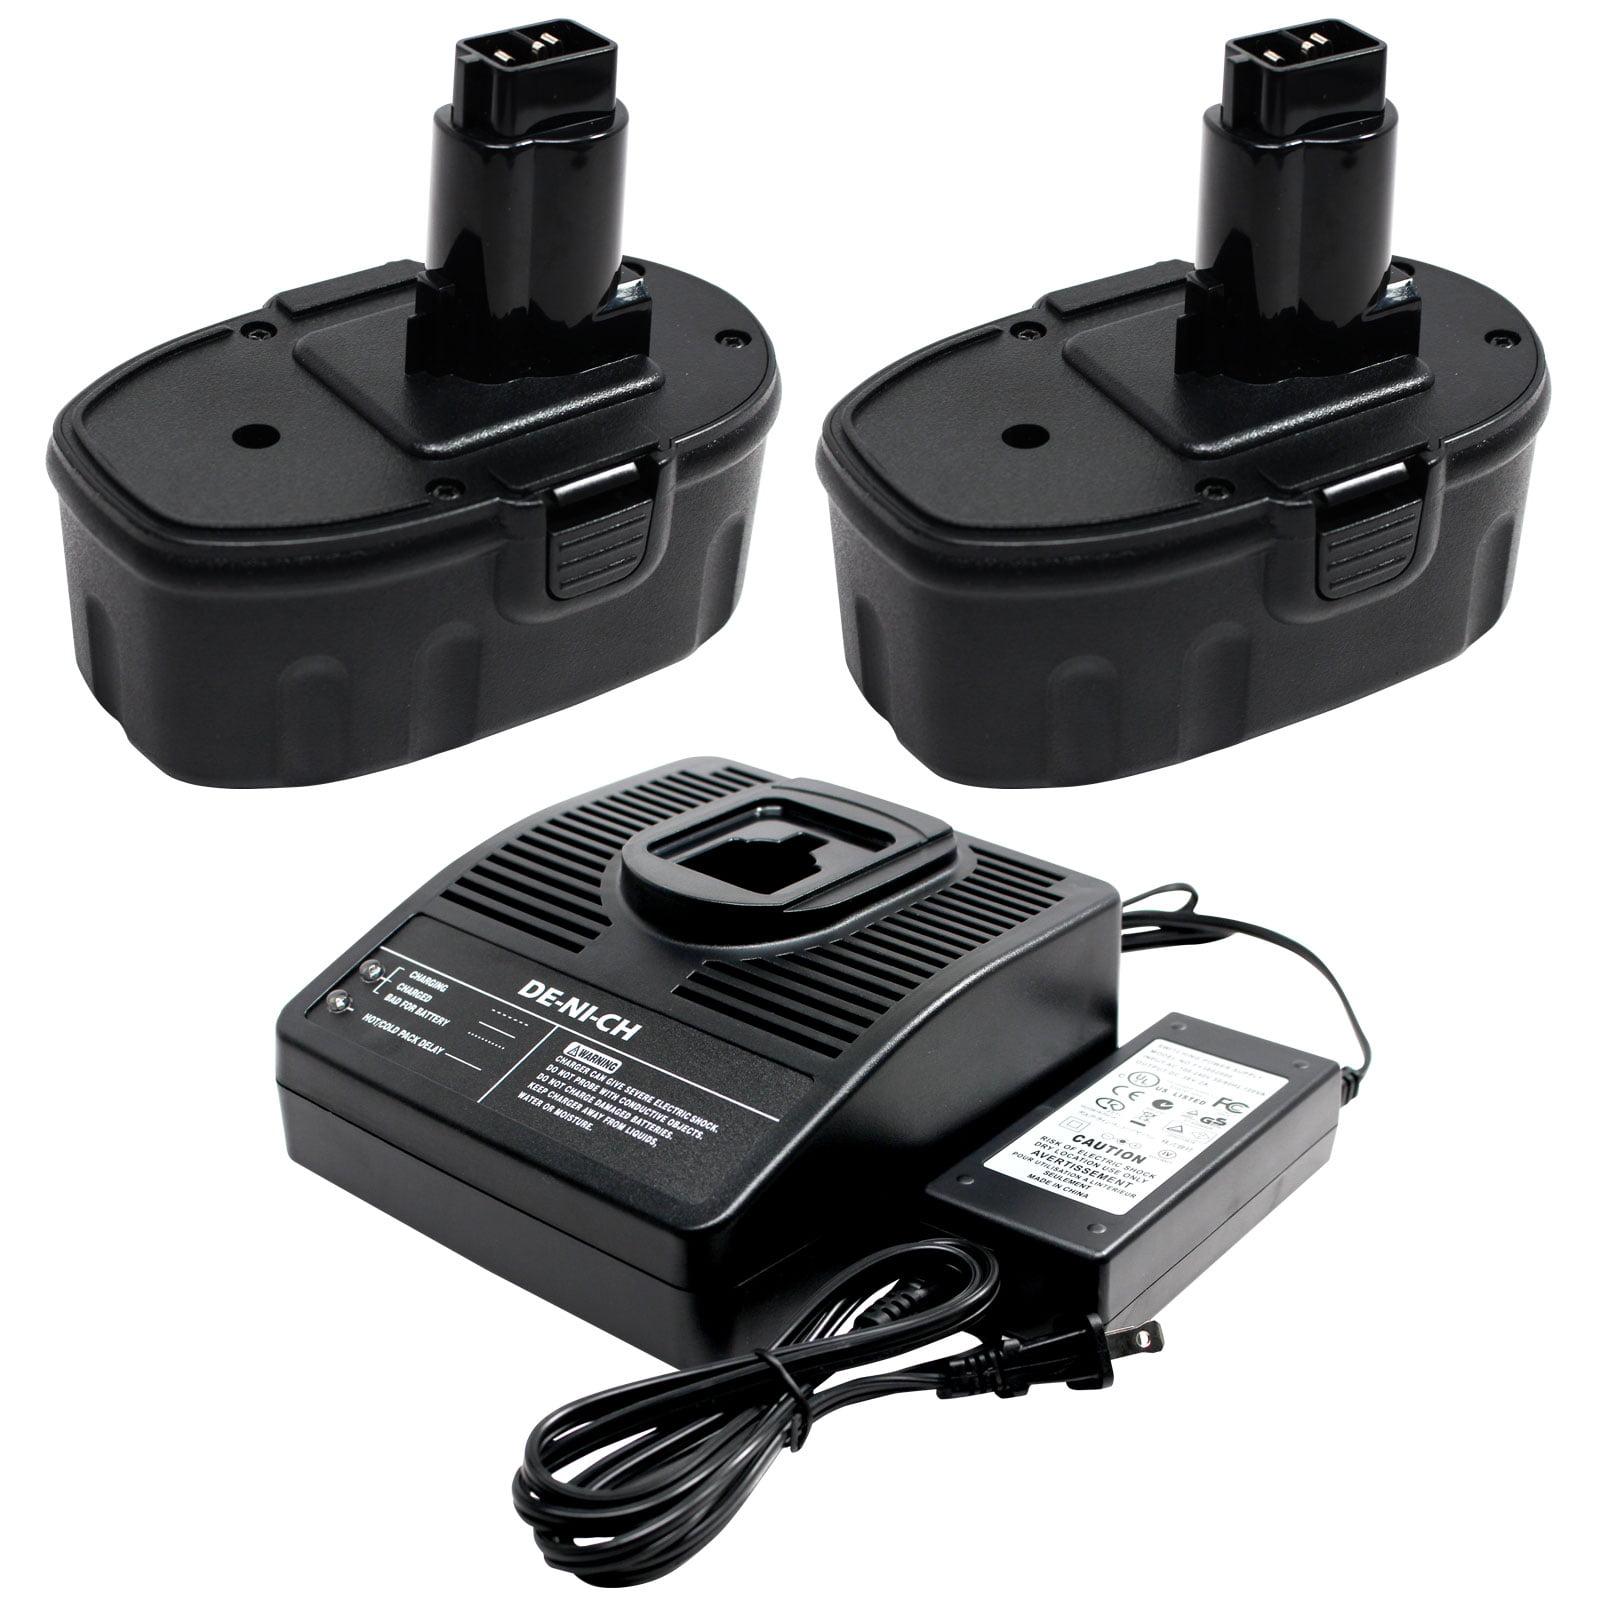 UpStart Battery 2-Pack DeWalt 18V Battery + Charger Repla...